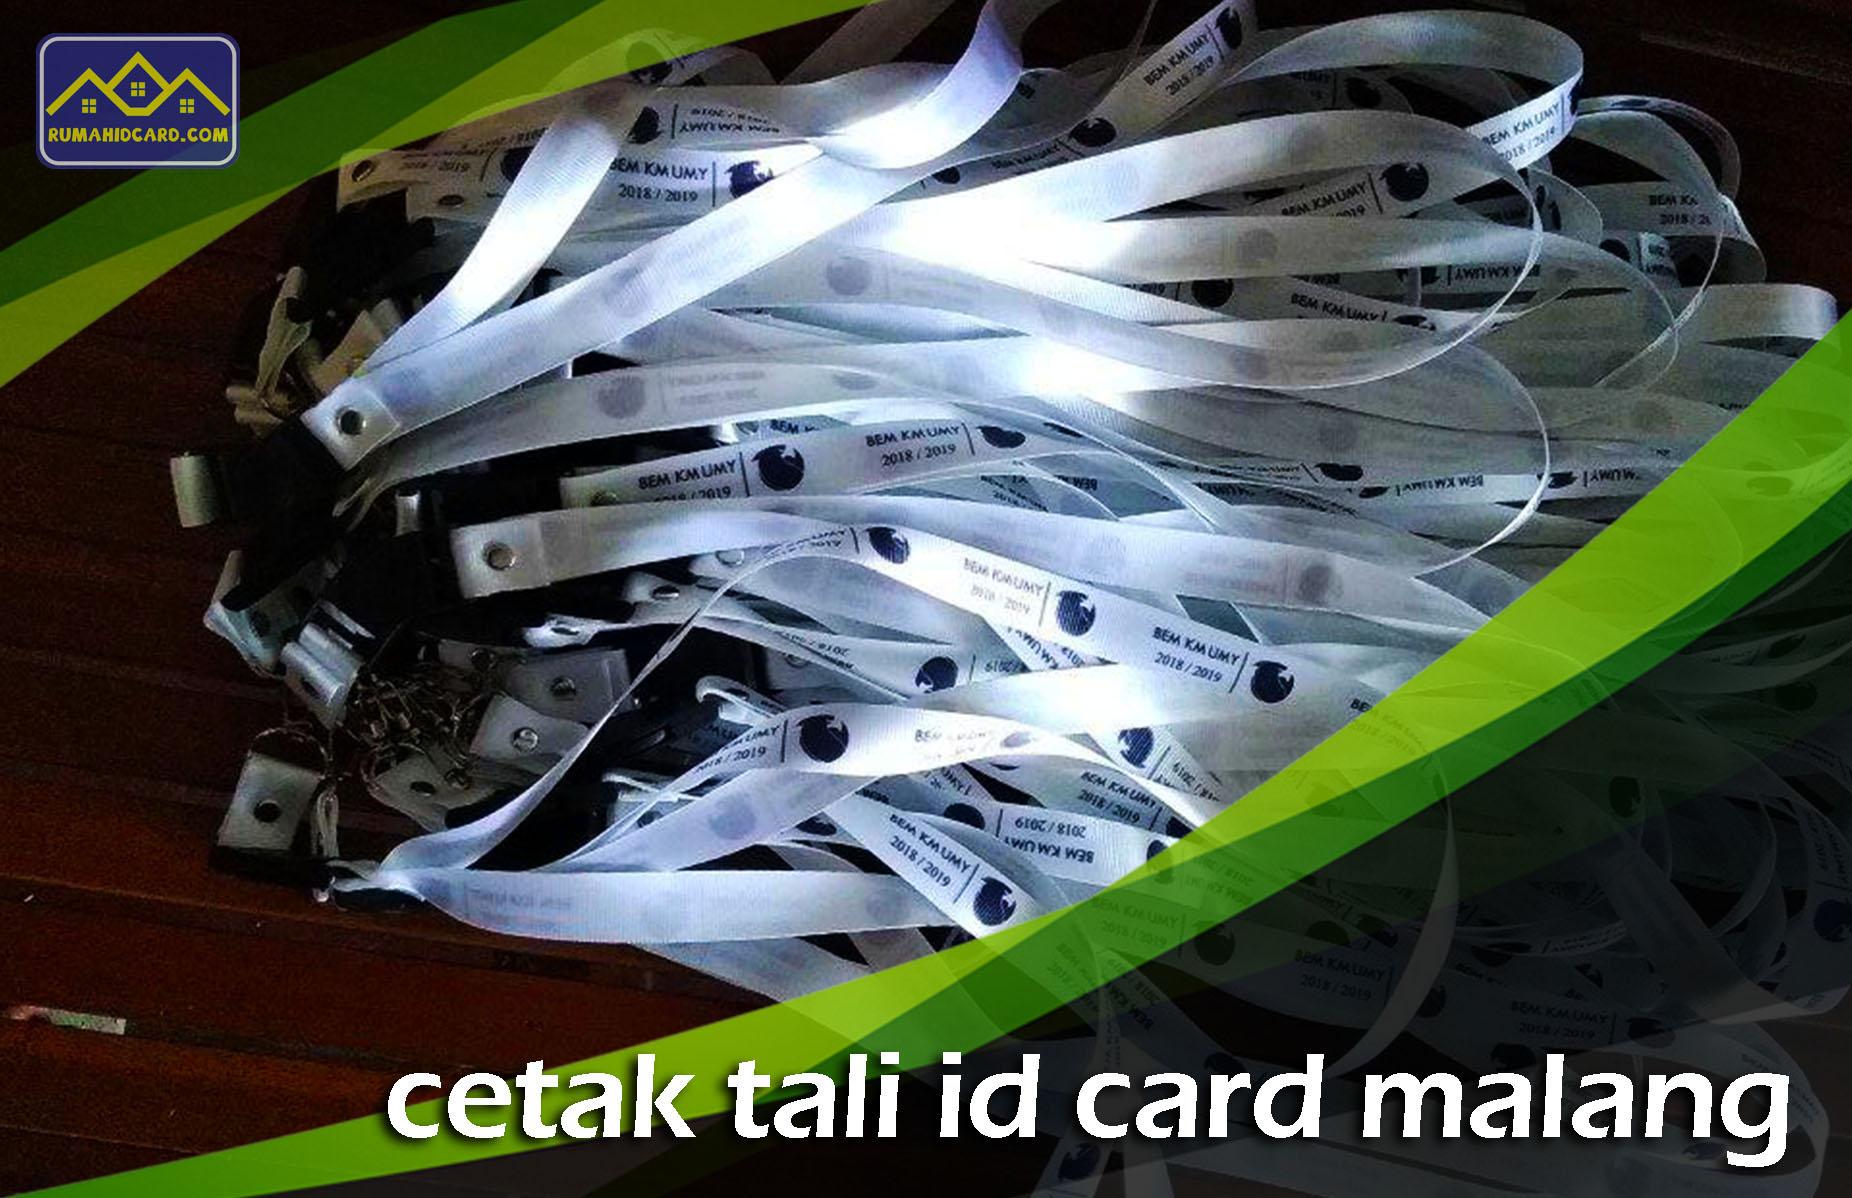 Cetak Tali ID Card Malang